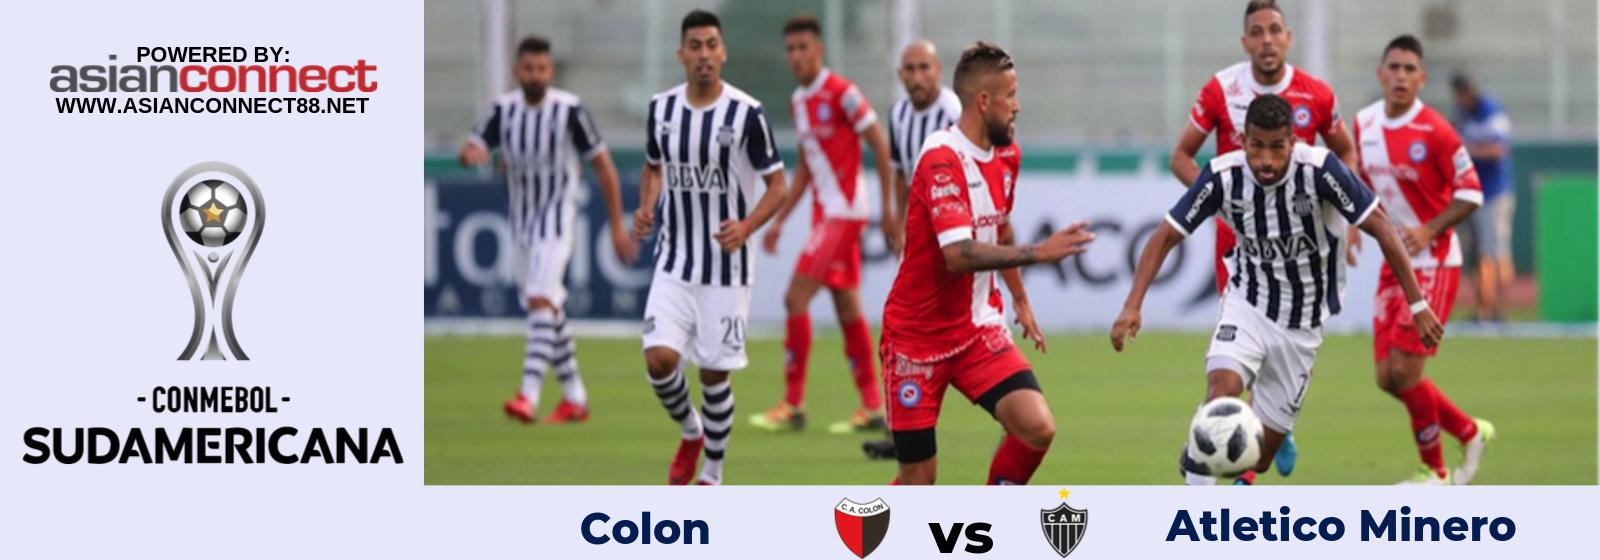 Copa Sudamericana Colon Vs. Atletico Minero Asian Connect